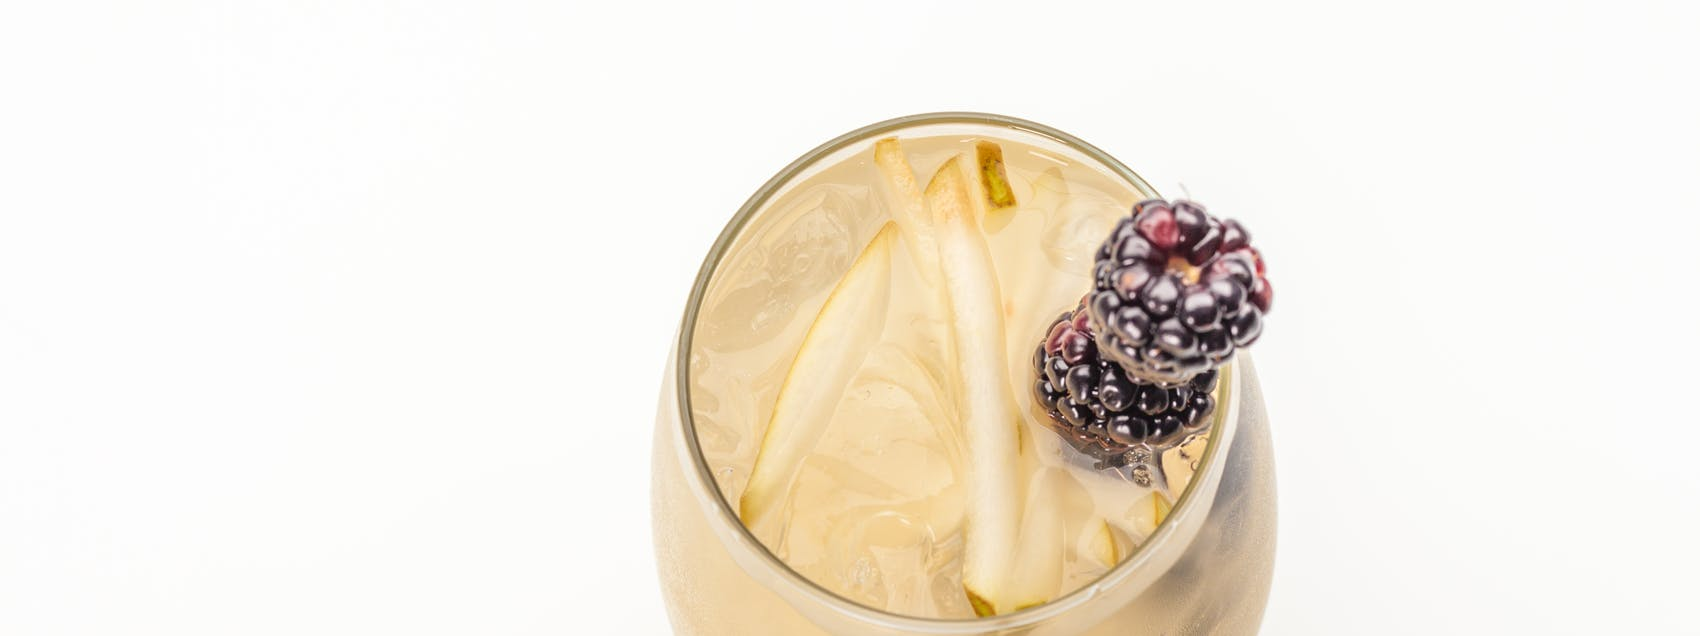 Elder-Peary Sangria